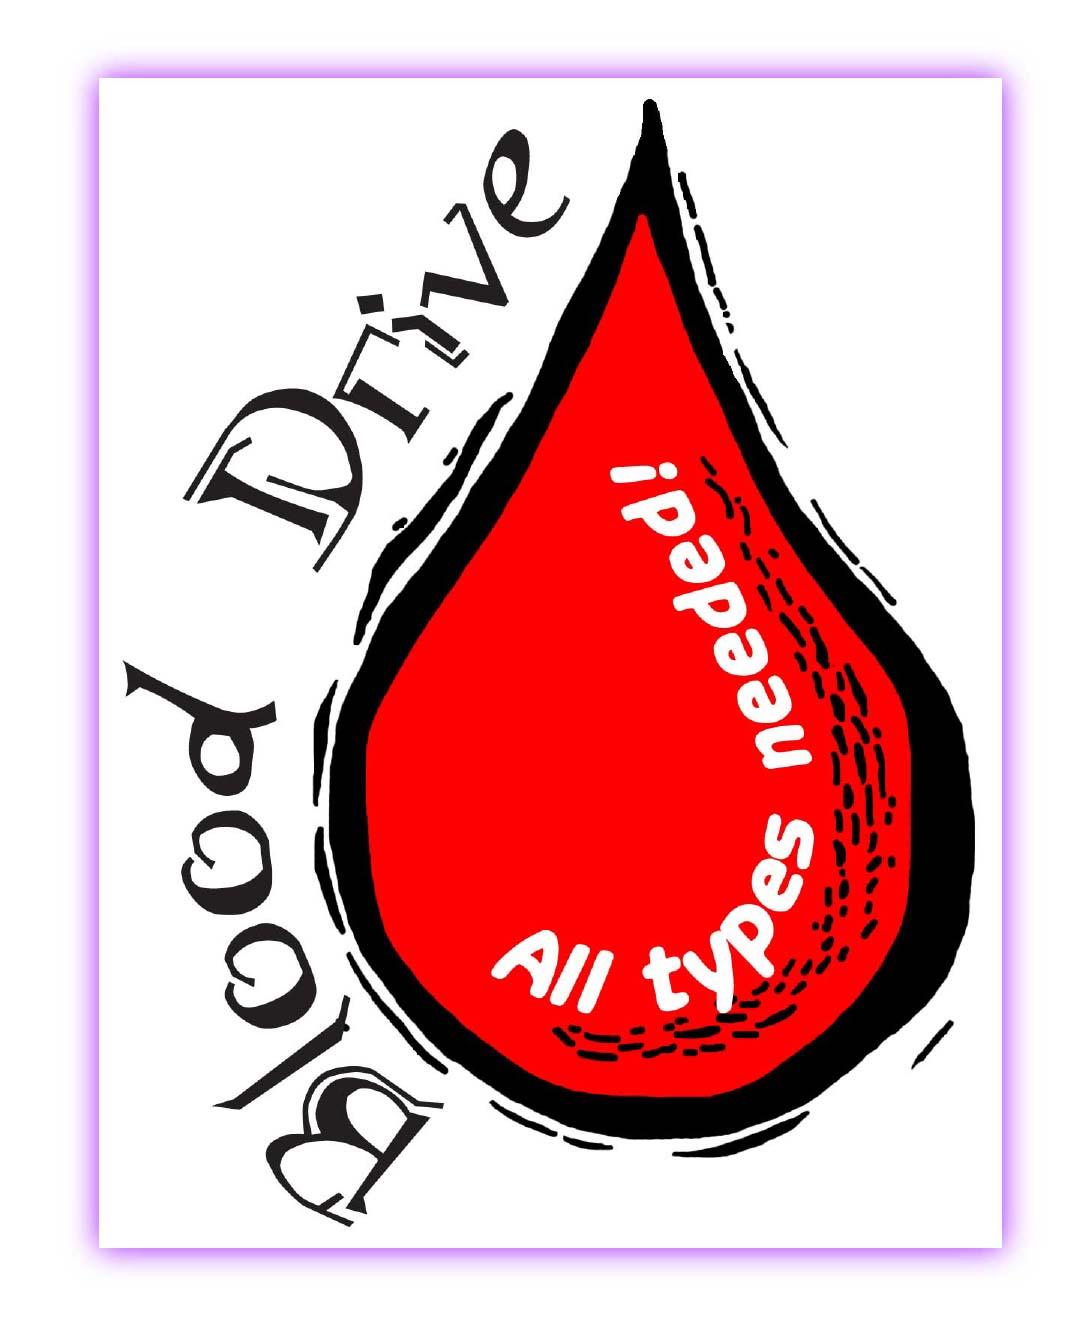 Blood Drive Clipart - ClipArt Best